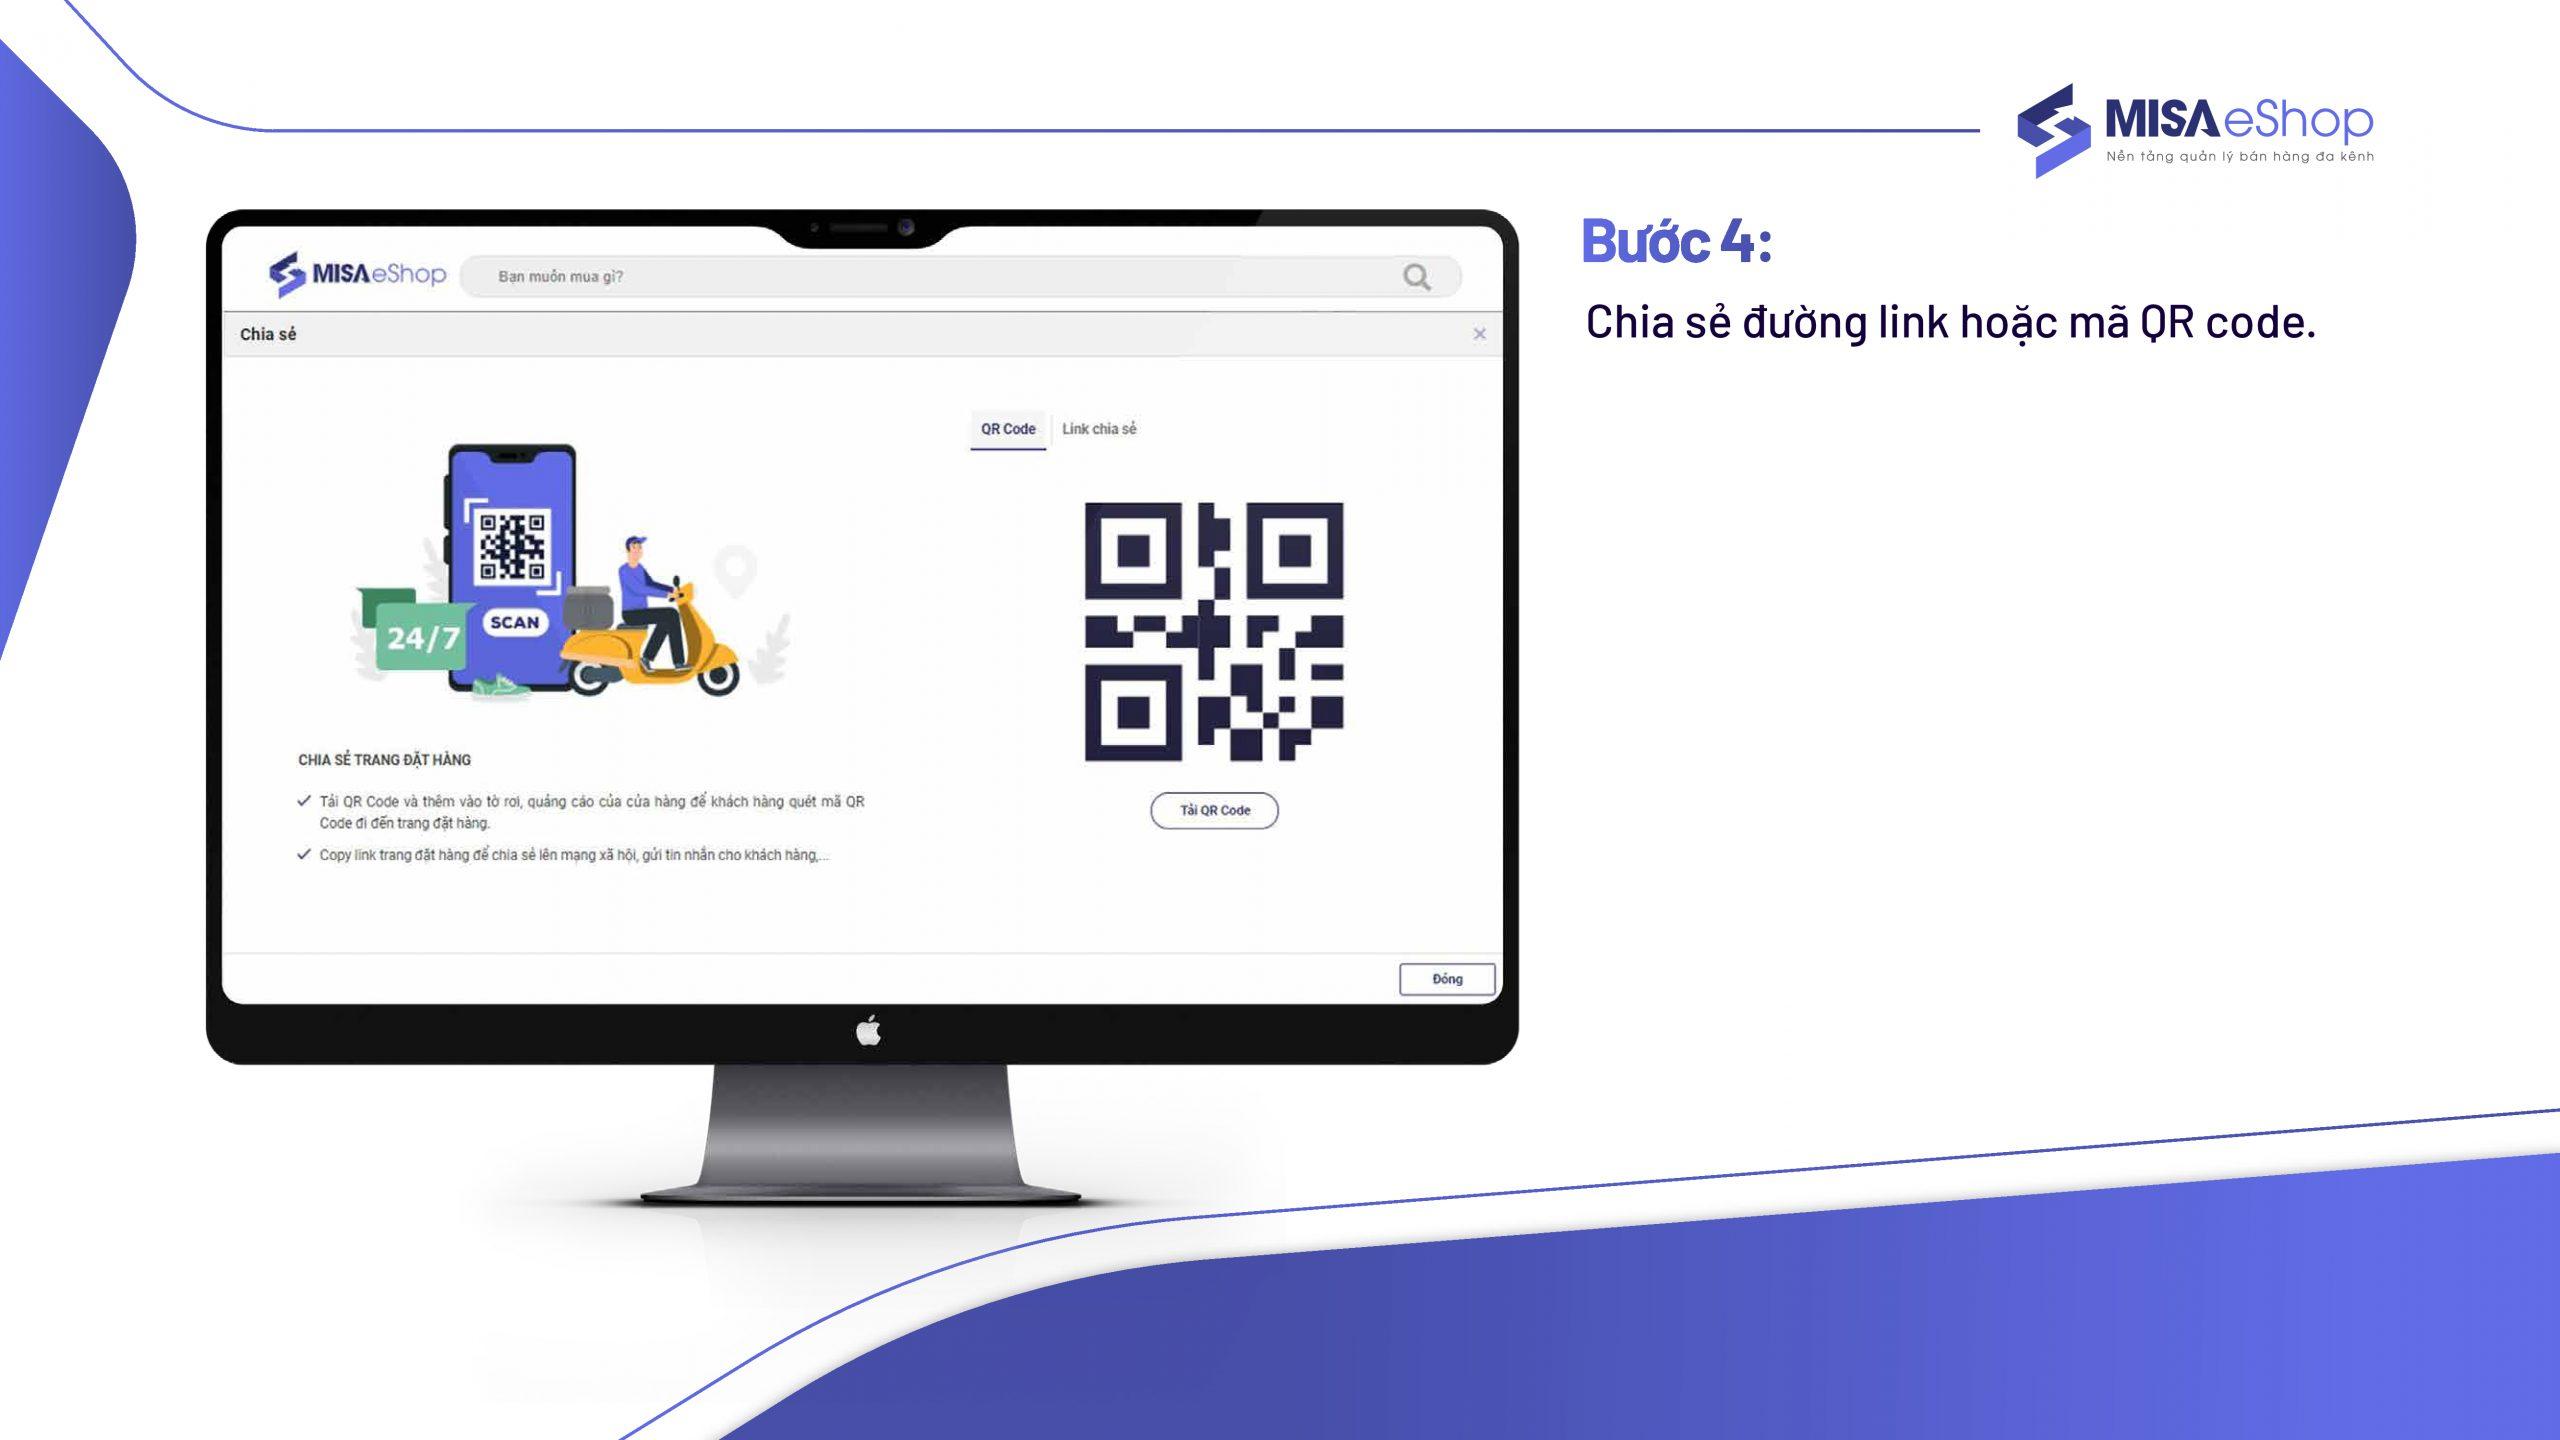 website đặt hàng online 5